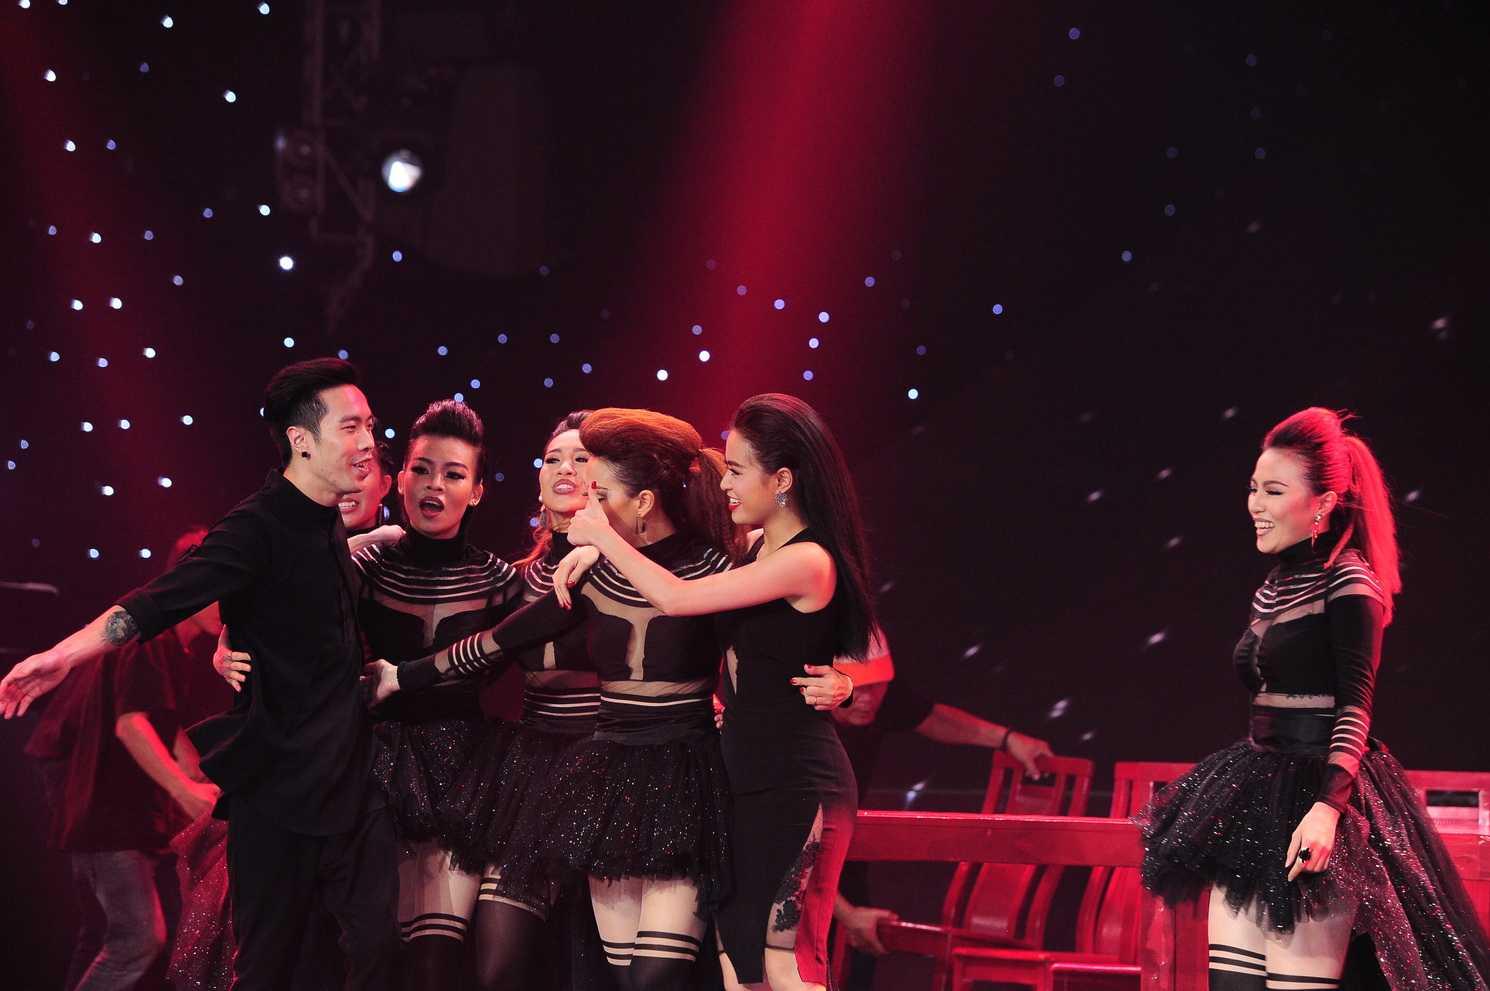 Team của nữ ca sĩ Hoàng Thùy Linh dưới sự dẫn dắt của biên đạo Minh Thư cùng DJ Dương 3D đã mang đến một bất ngờ ngoài mong đợi cho các fan hâm mộ